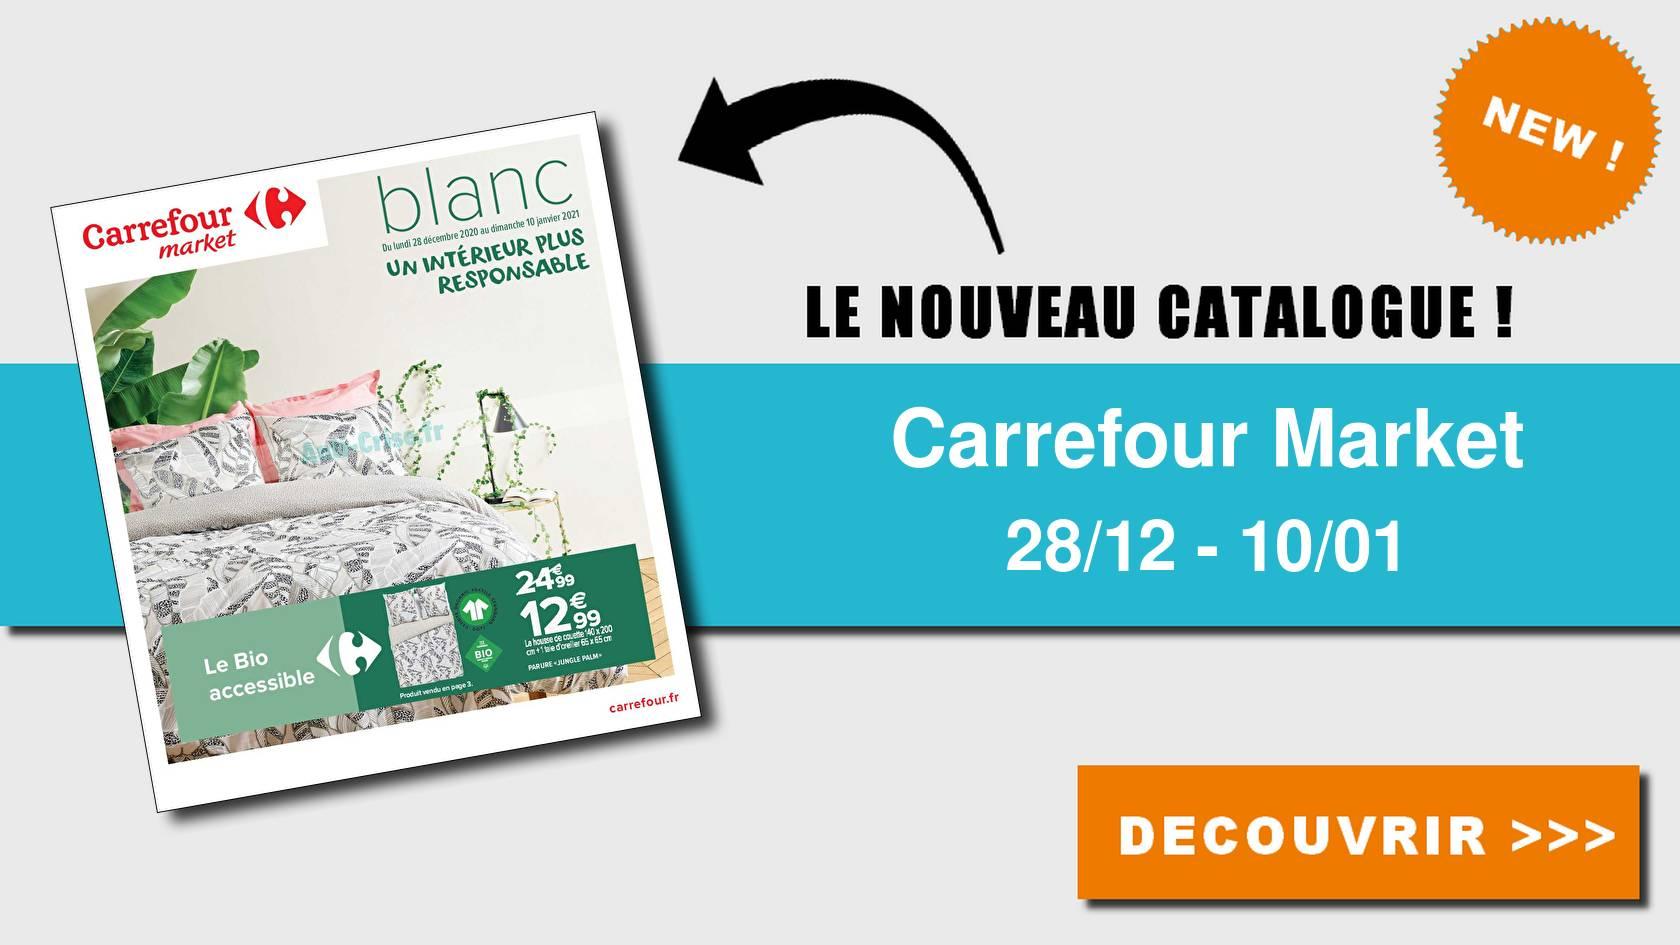 carrefour market le nouveau catalogue